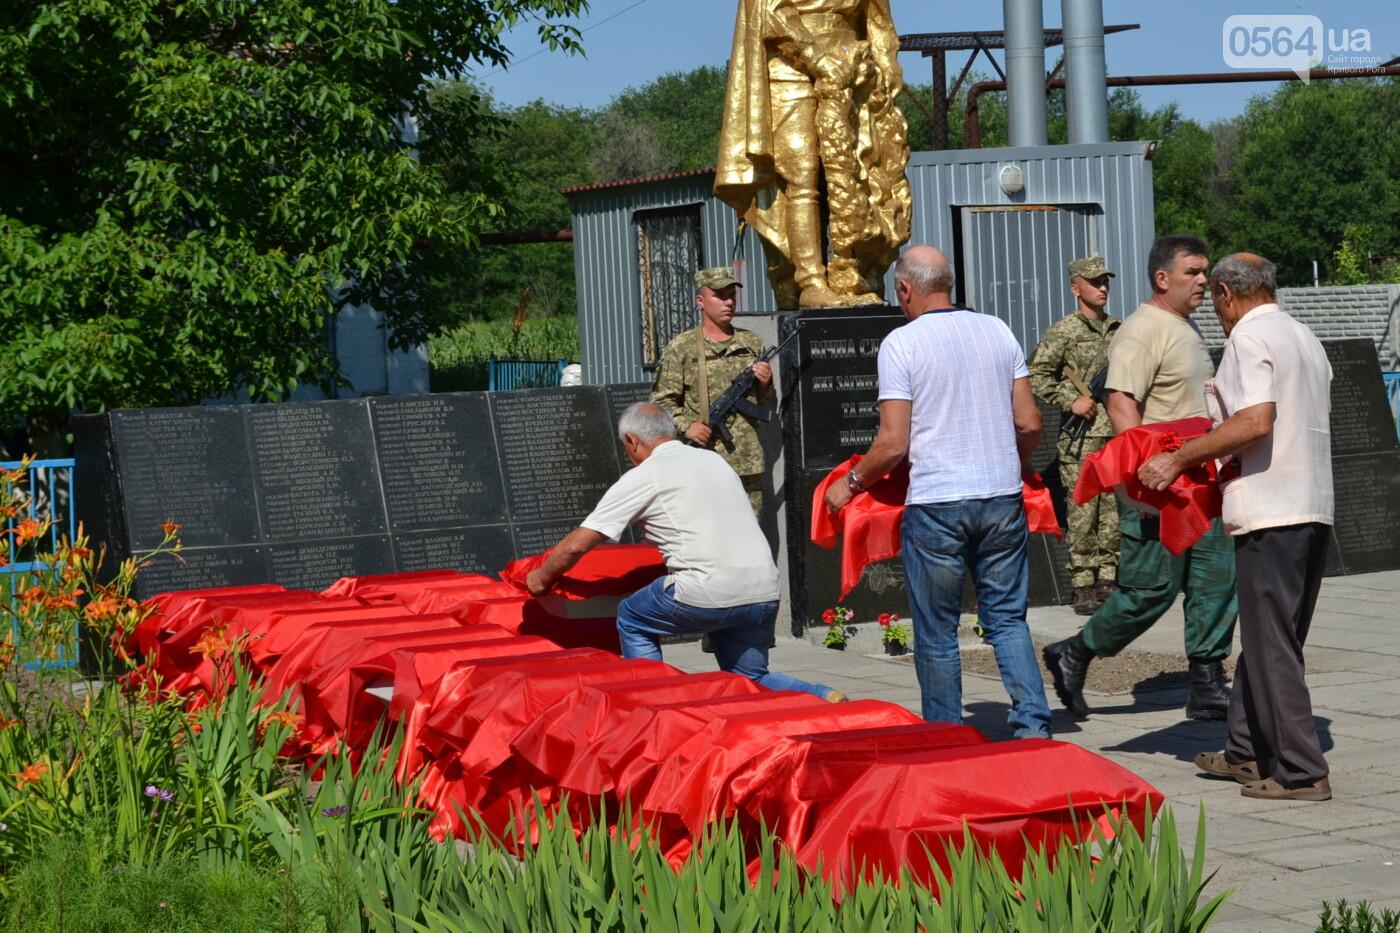 Вечная память! На Криворожье торжественно захоронили останки 43 воинов Второй мировой, - ФОТО, ВИДЕО, фото-7